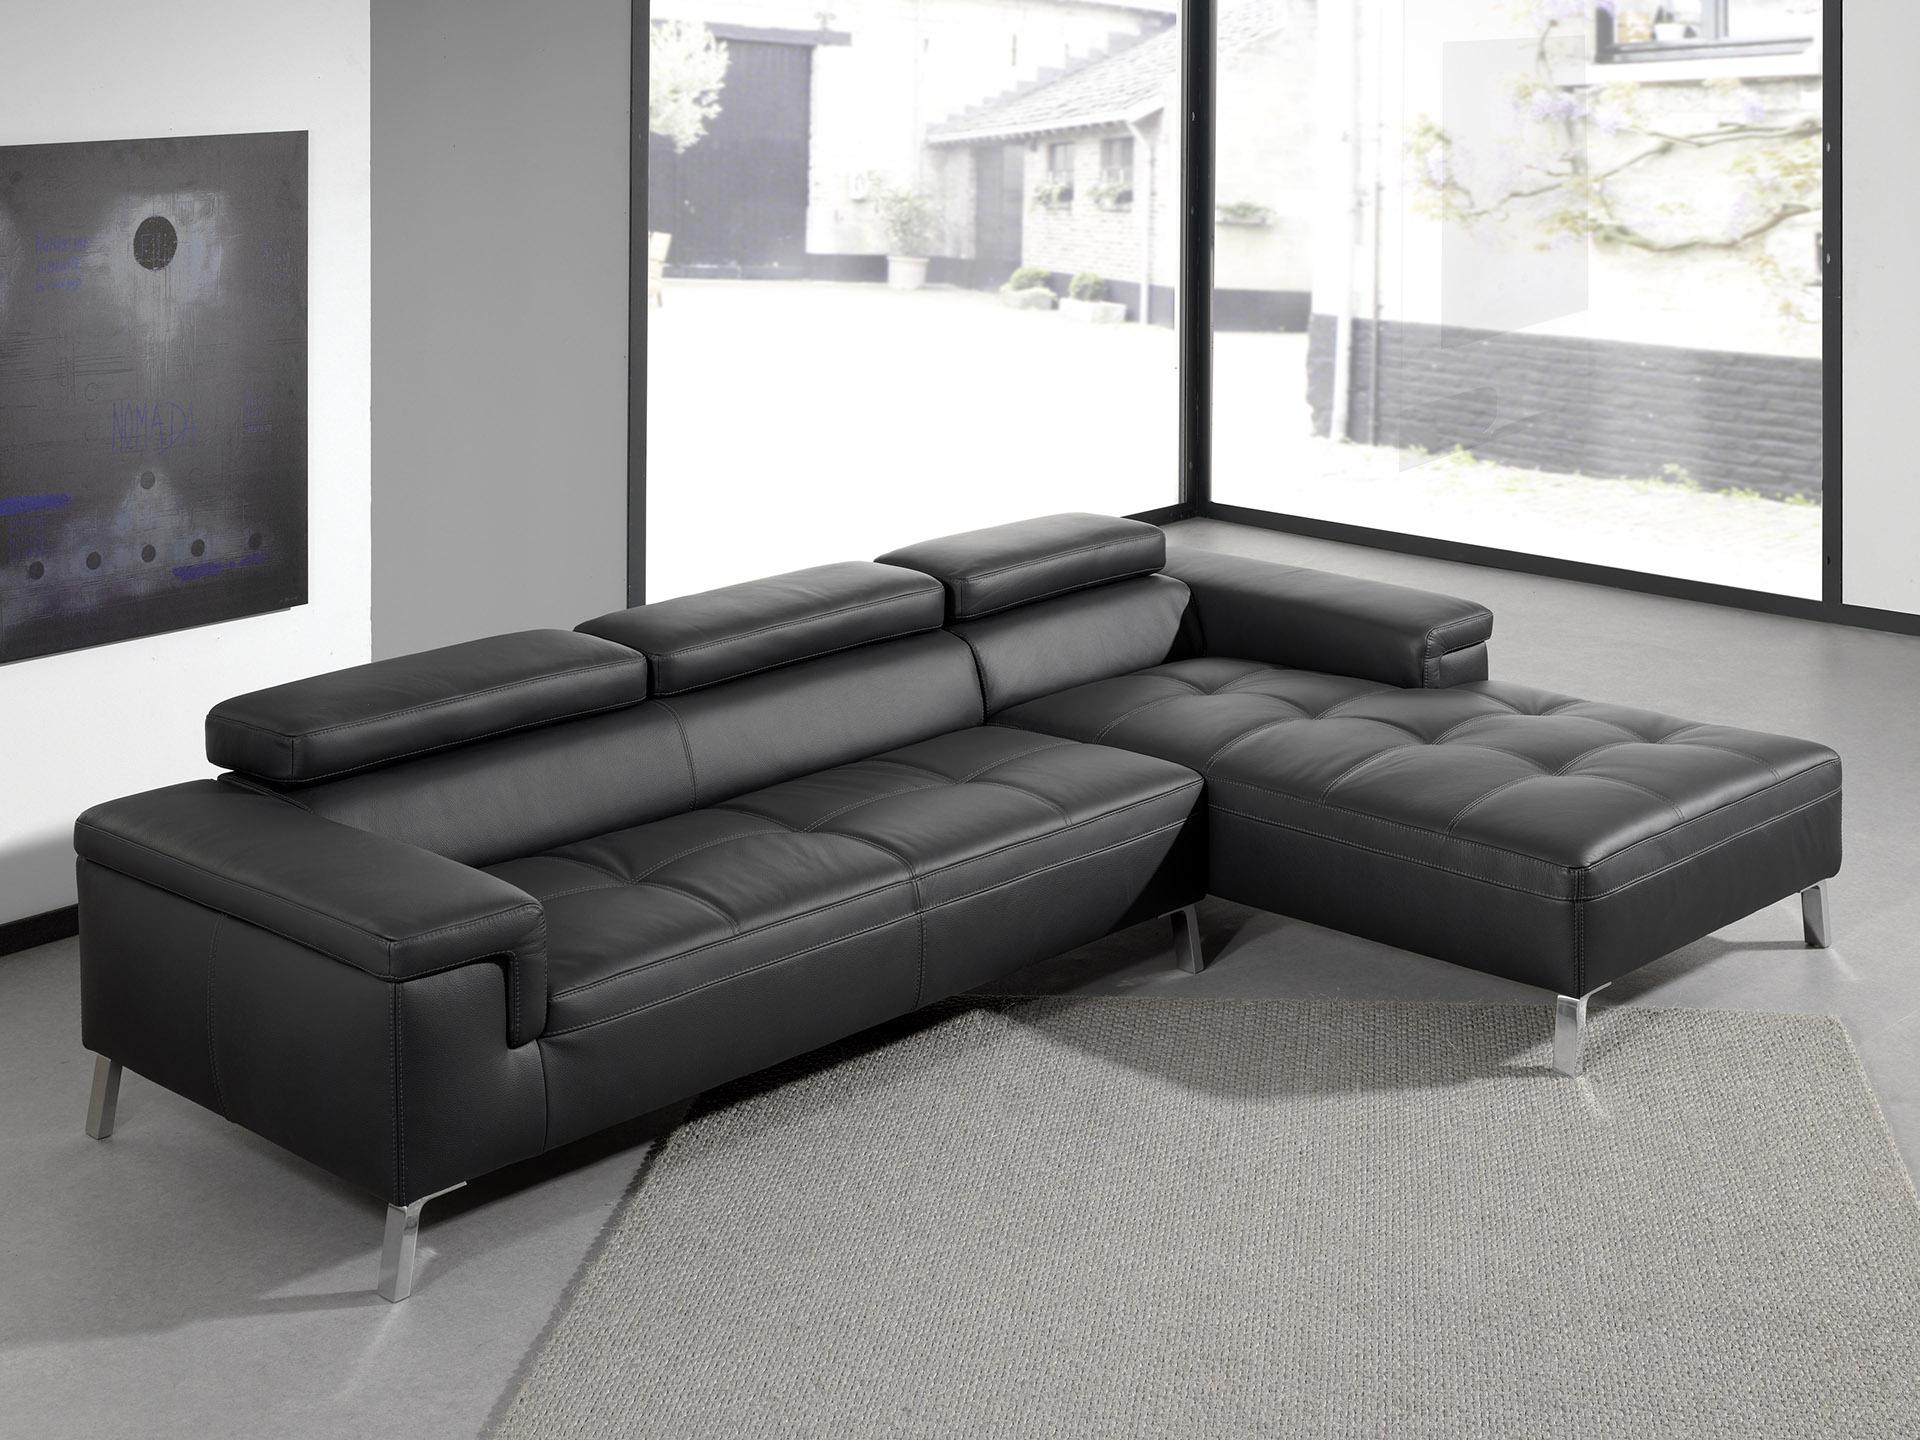 salon narciso mobilier confort. Black Bedroom Furniture Sets. Home Design Ideas